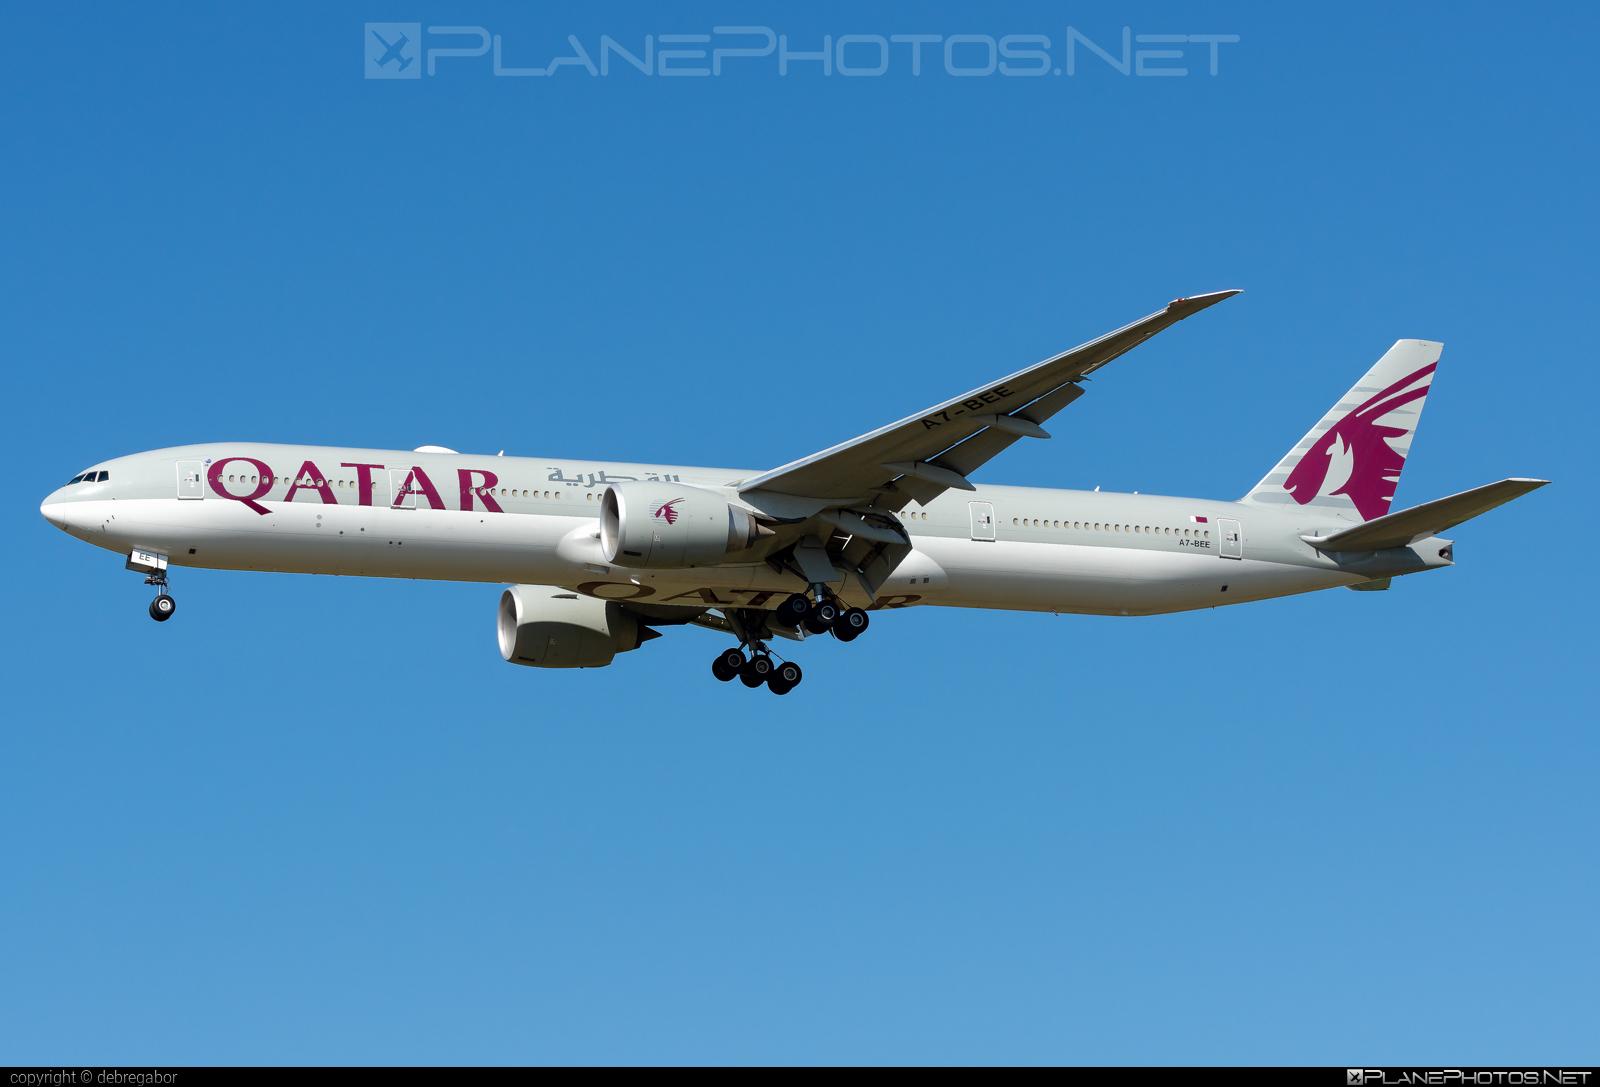 Boeing 777-300ER - A7-BEE operated by Qatar Airways #b777 #b777er #boeing #boeing777 #qatarairways #tripleseven